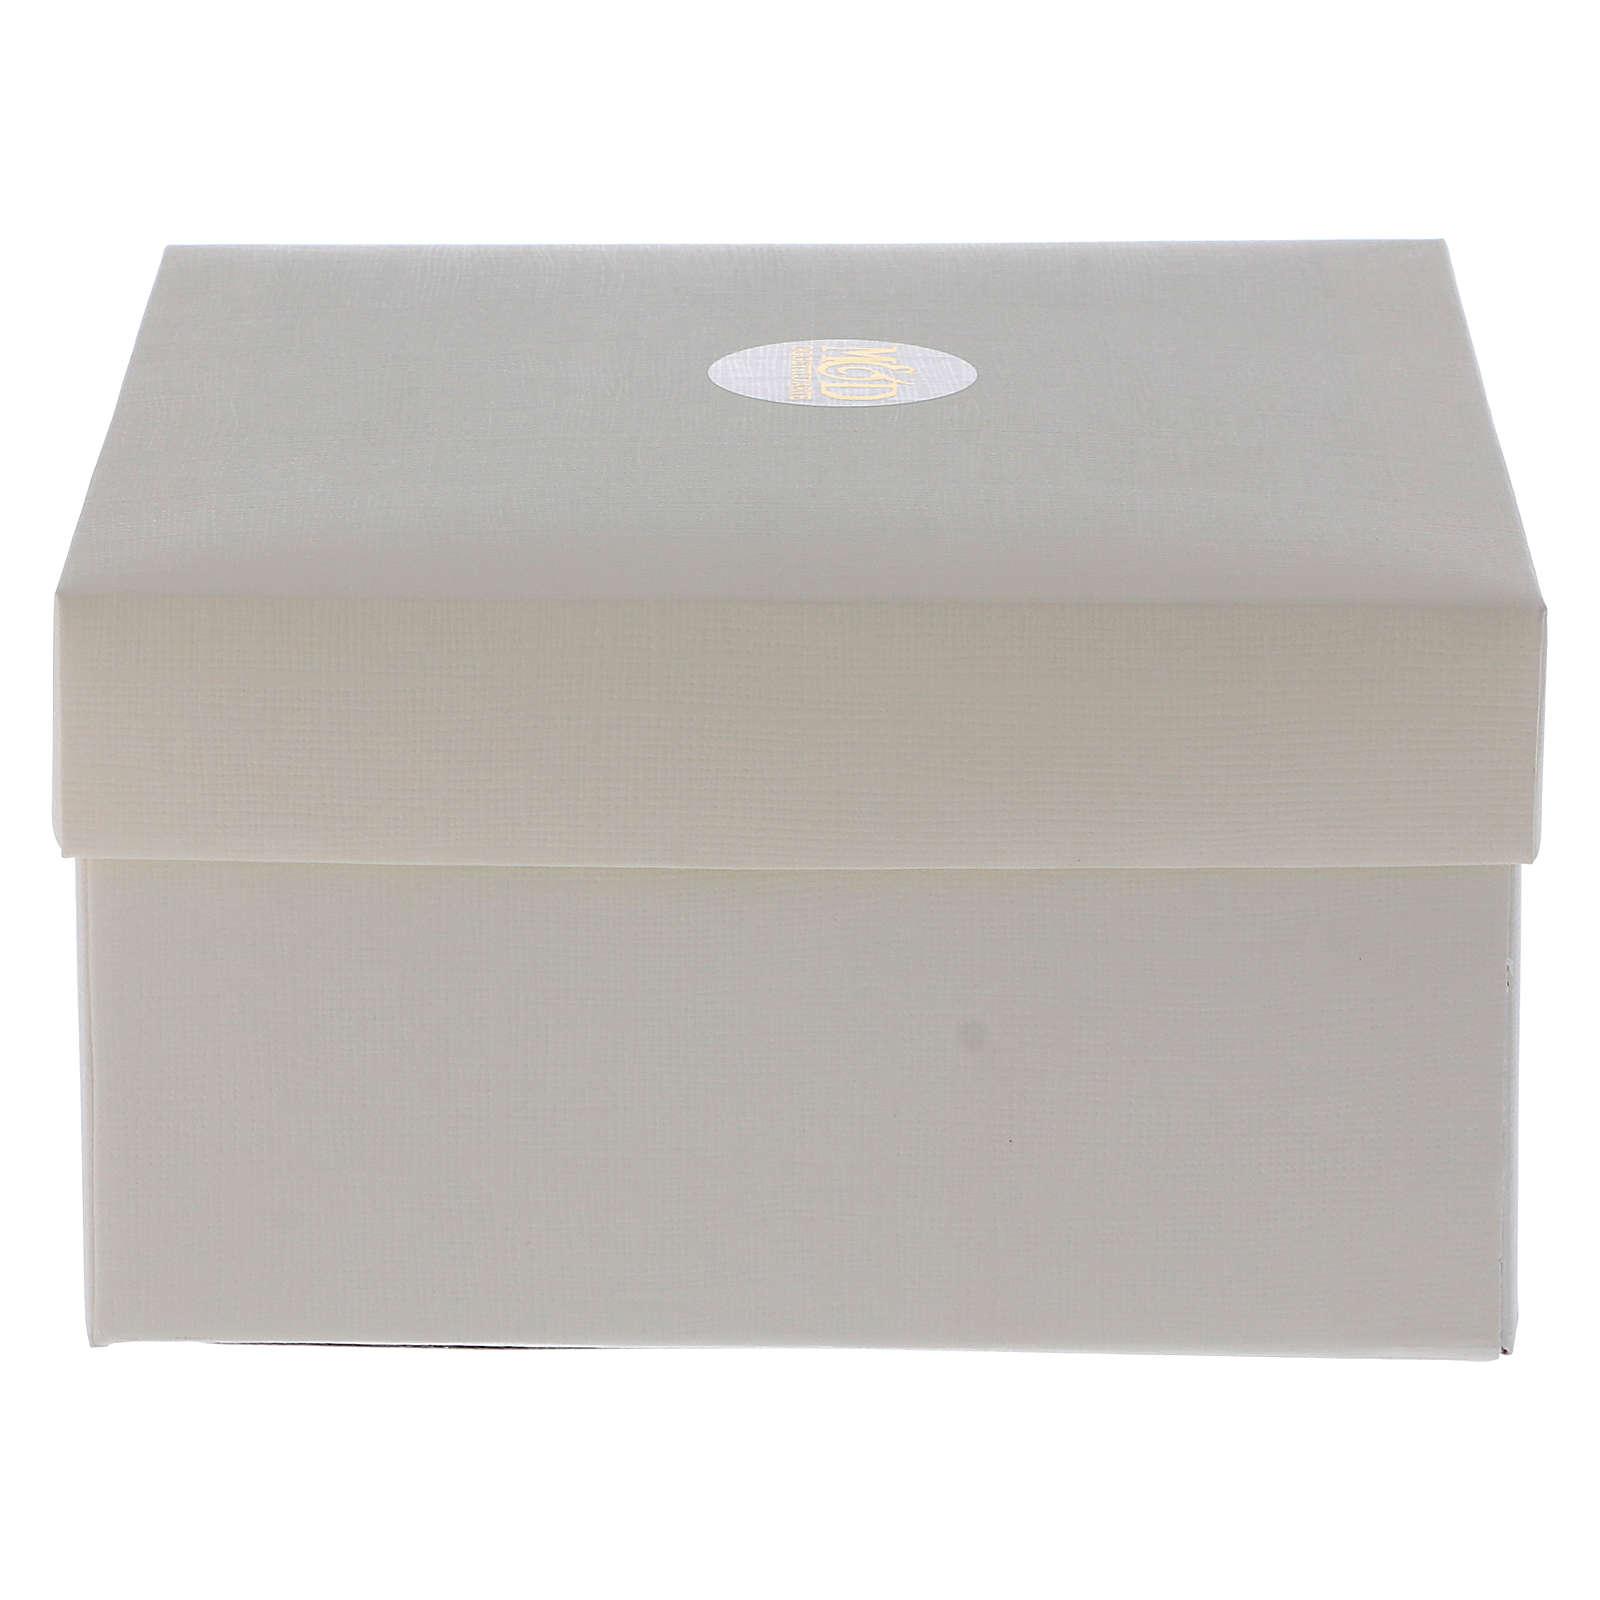 Lembrancinha caixa Comunhão 5x5x5 cm 3